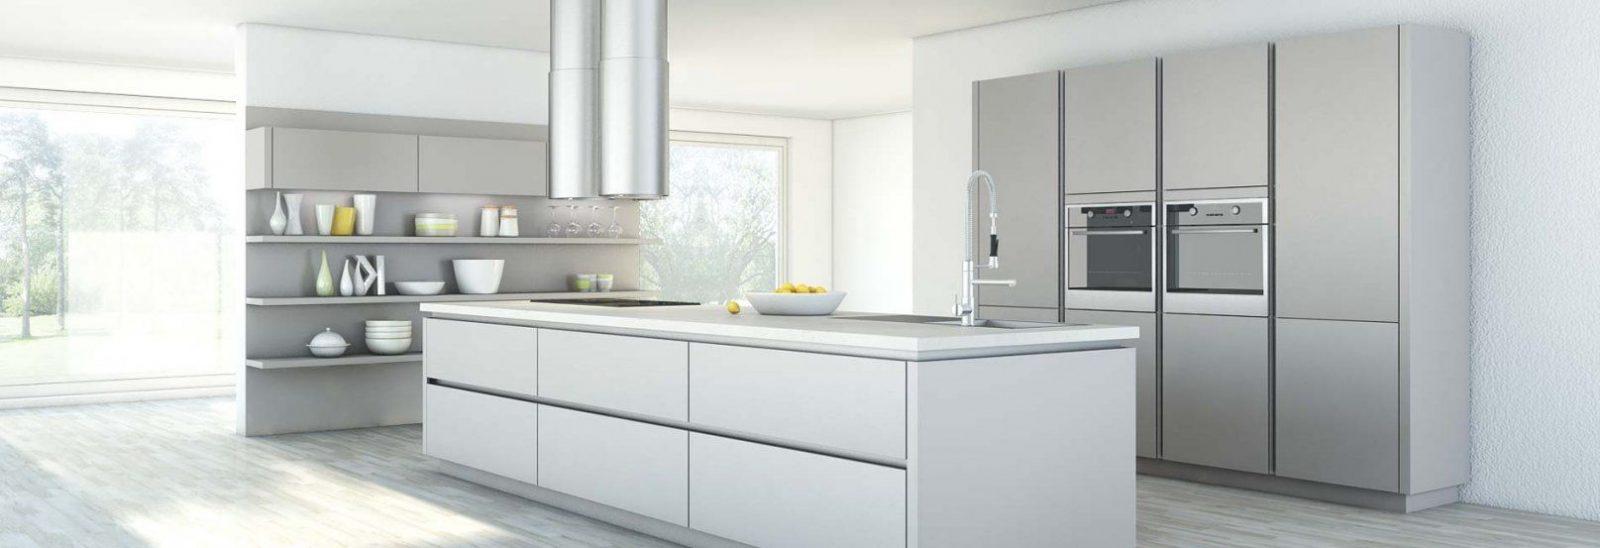 Kuechen Hersteller Nrw Best Küchen Direkt Vom Hersteller  Modernes von Küchen Direkt Vom Hersteller Photo